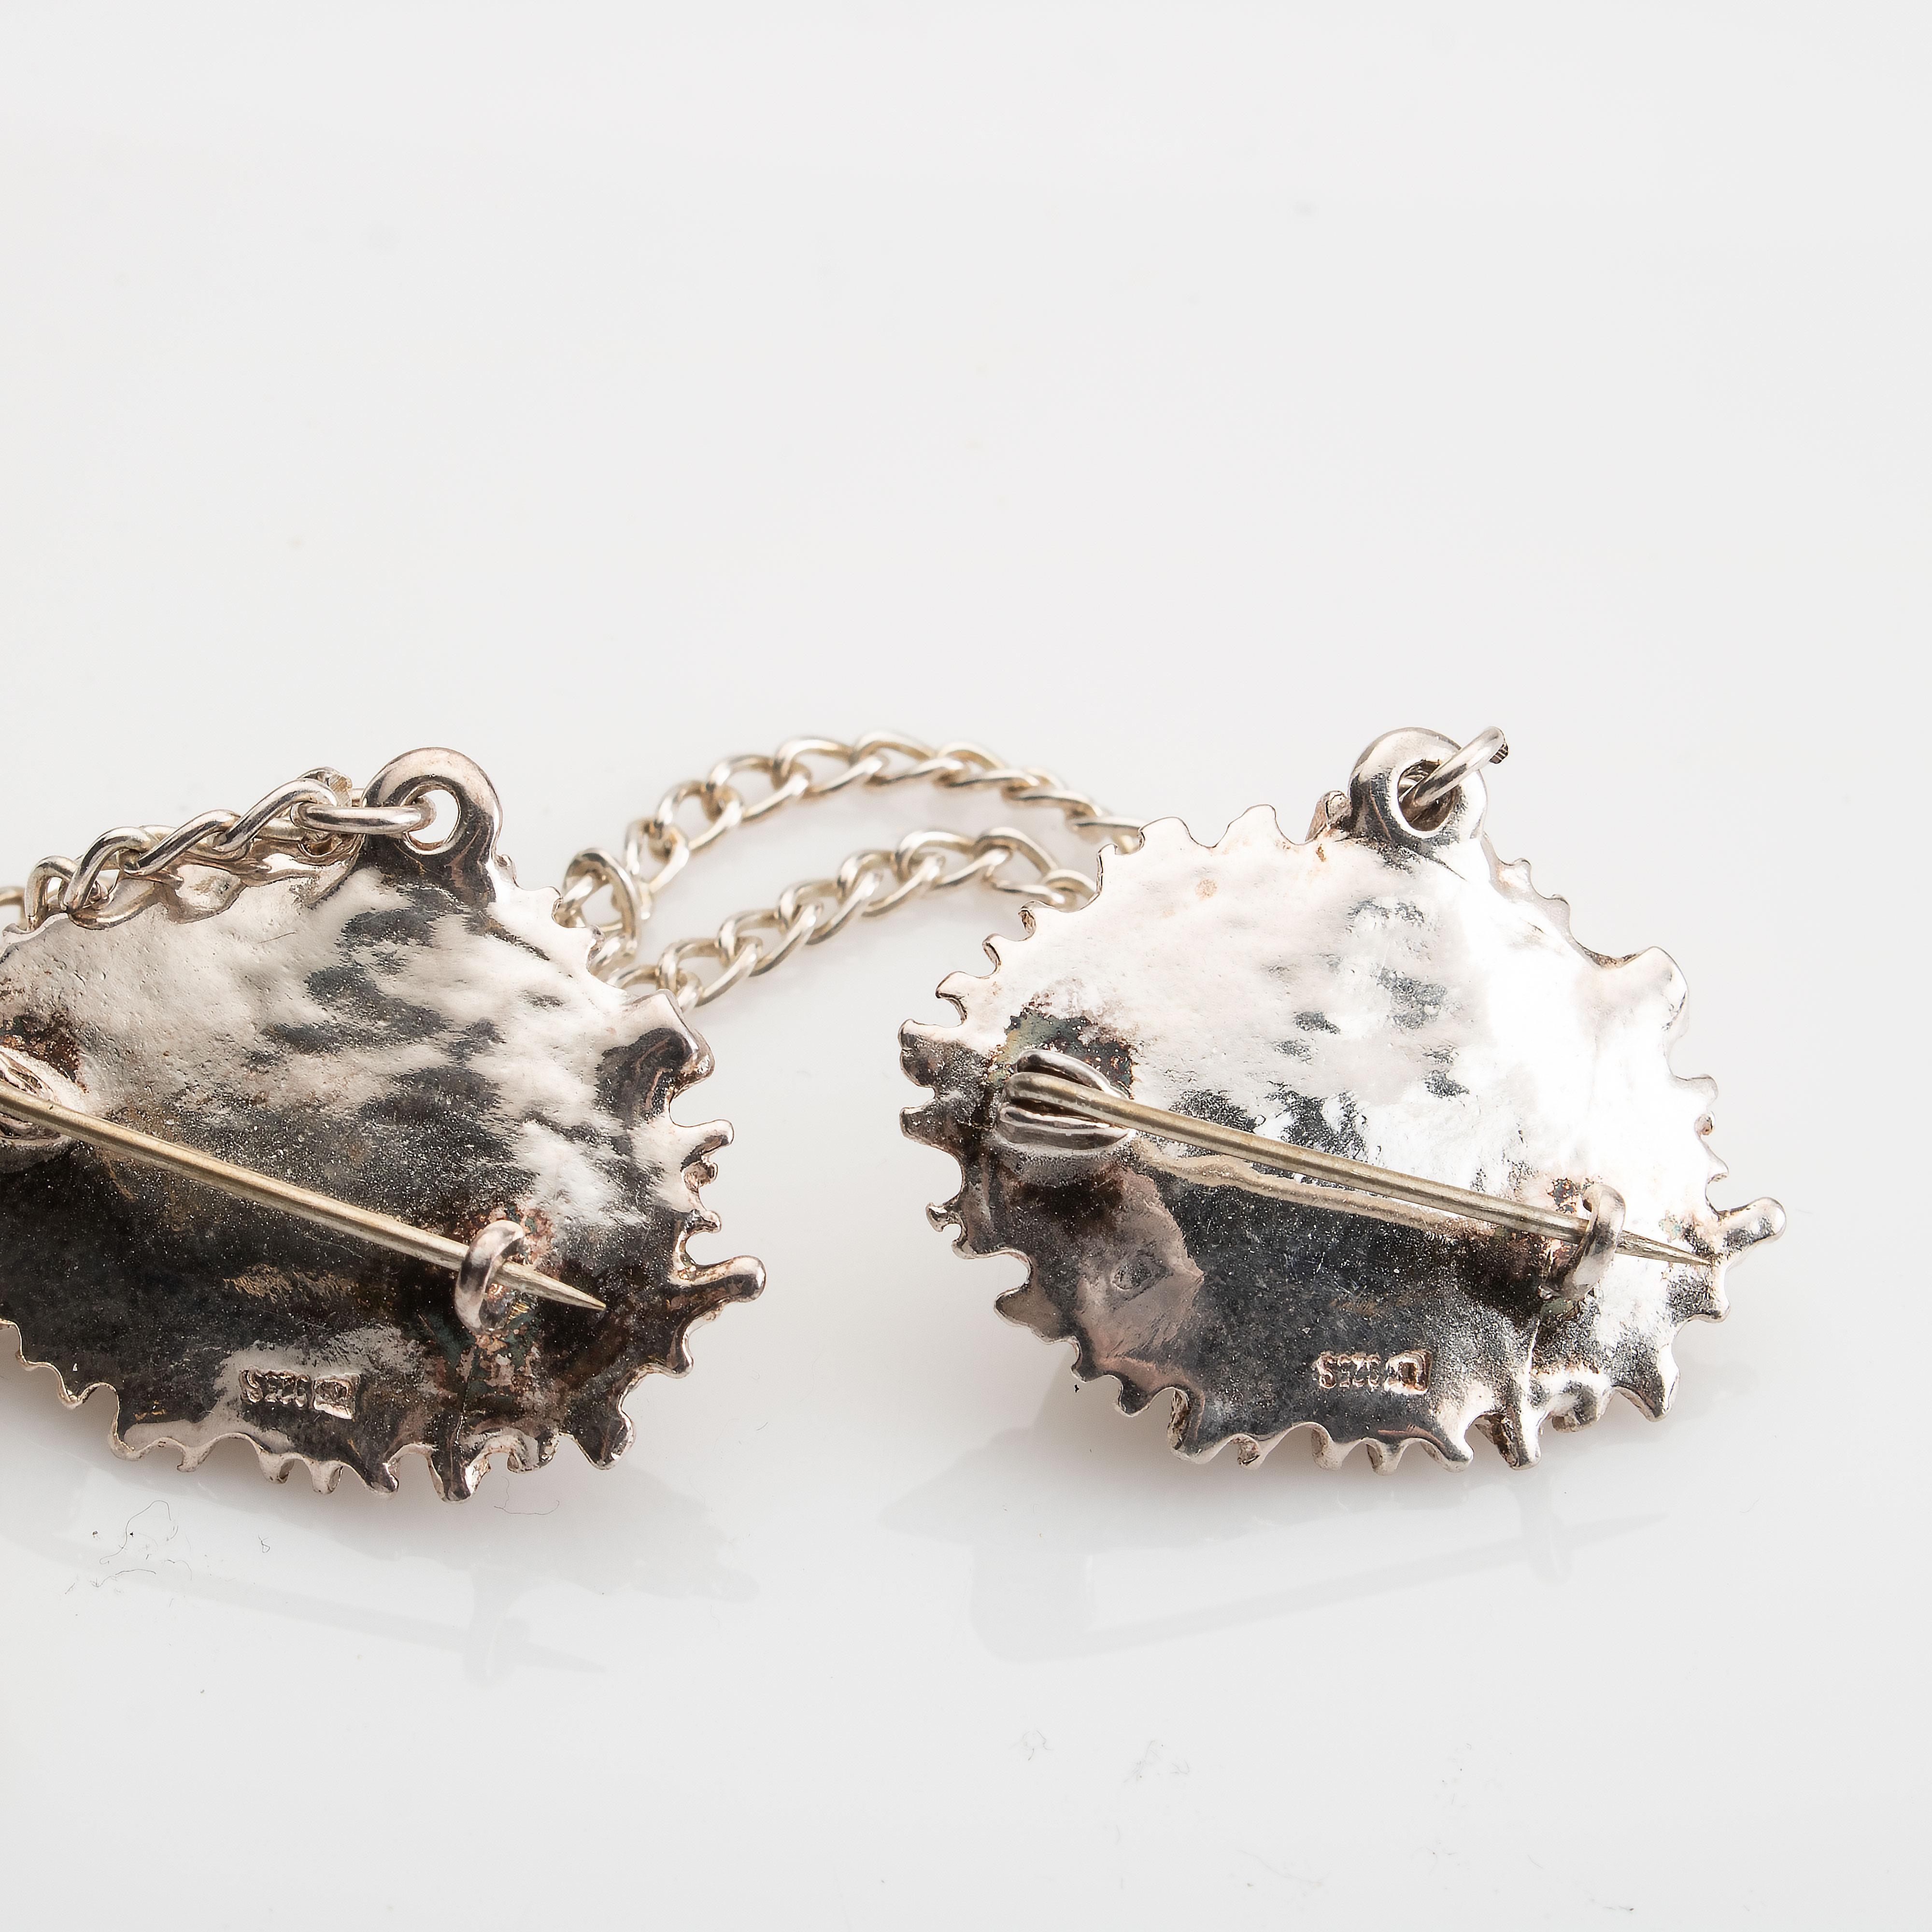 Kjedebrosje / sjalfeste, sølv, perlemor